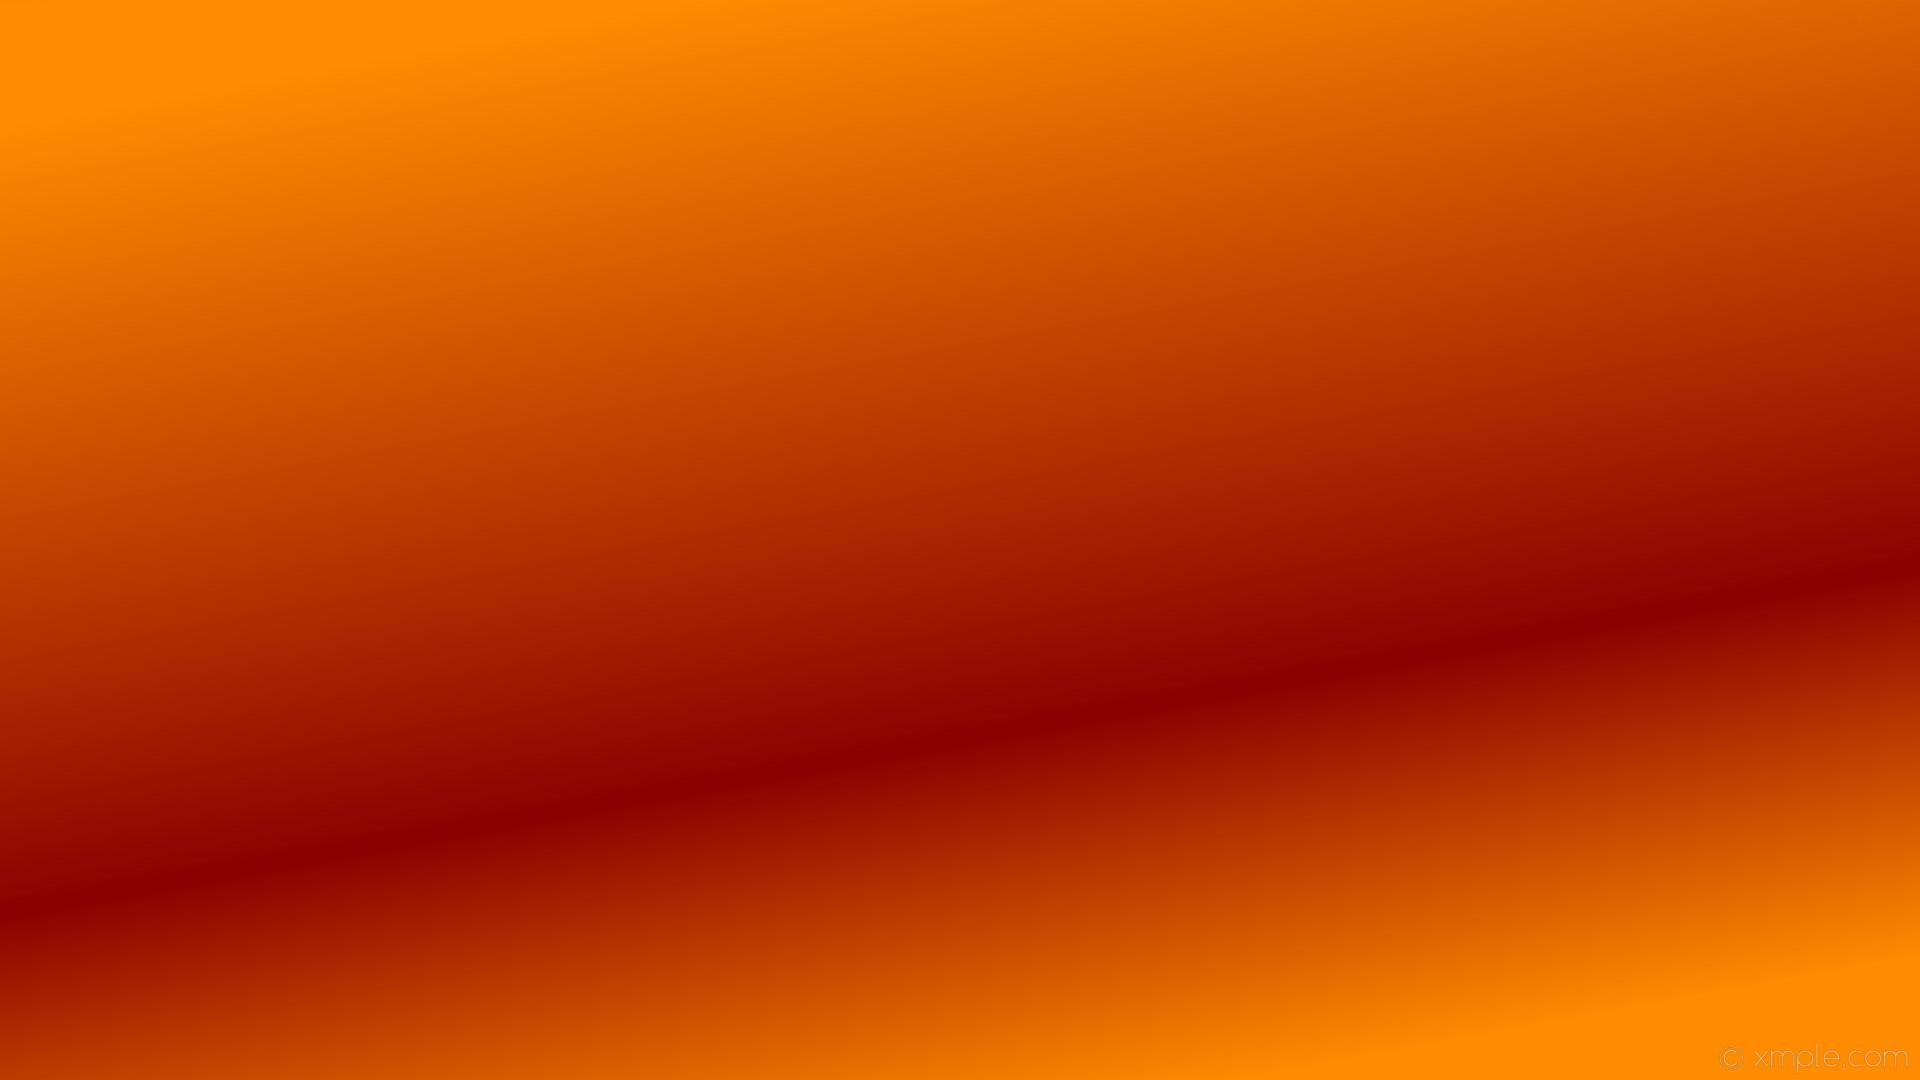 wallpaper gradient highlight red orange linear dark orange dark red #ff8c00  #8b0000 300°